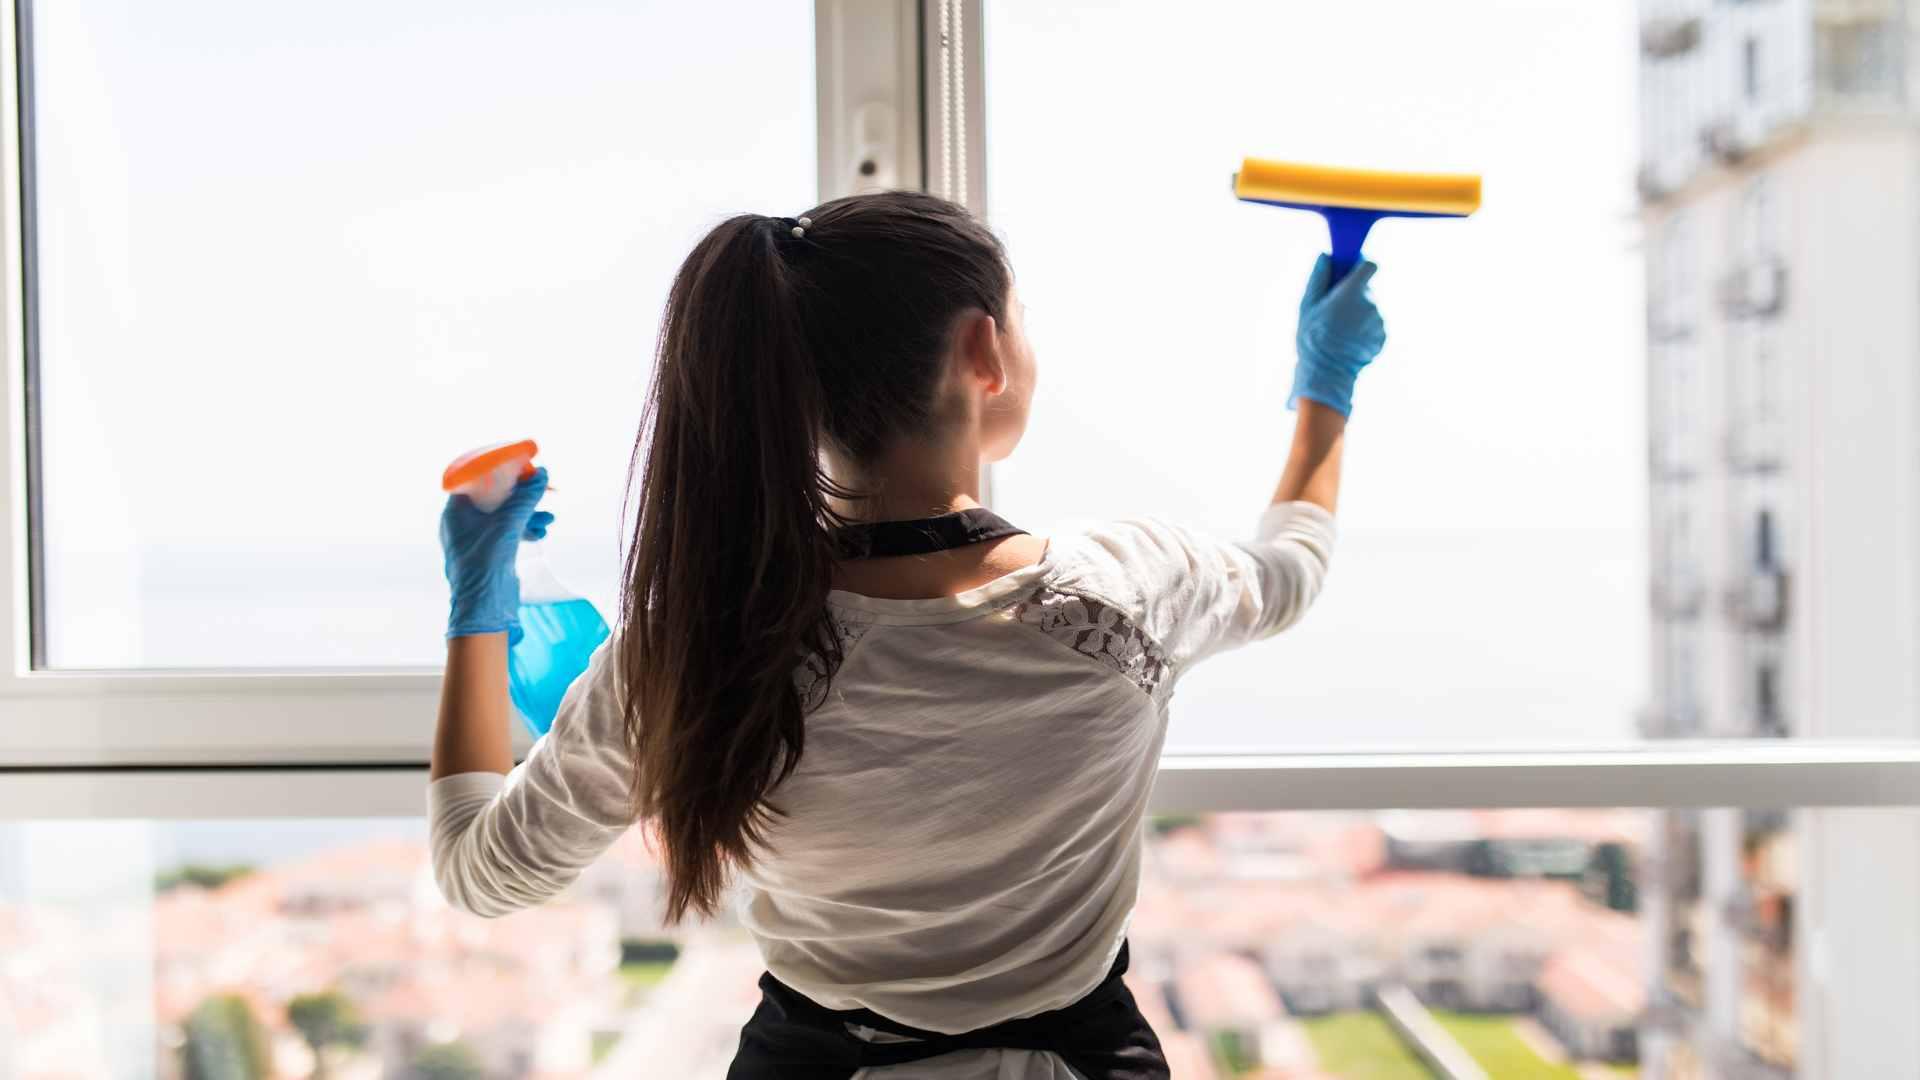 עובדת זרה המועסקת במשק בית